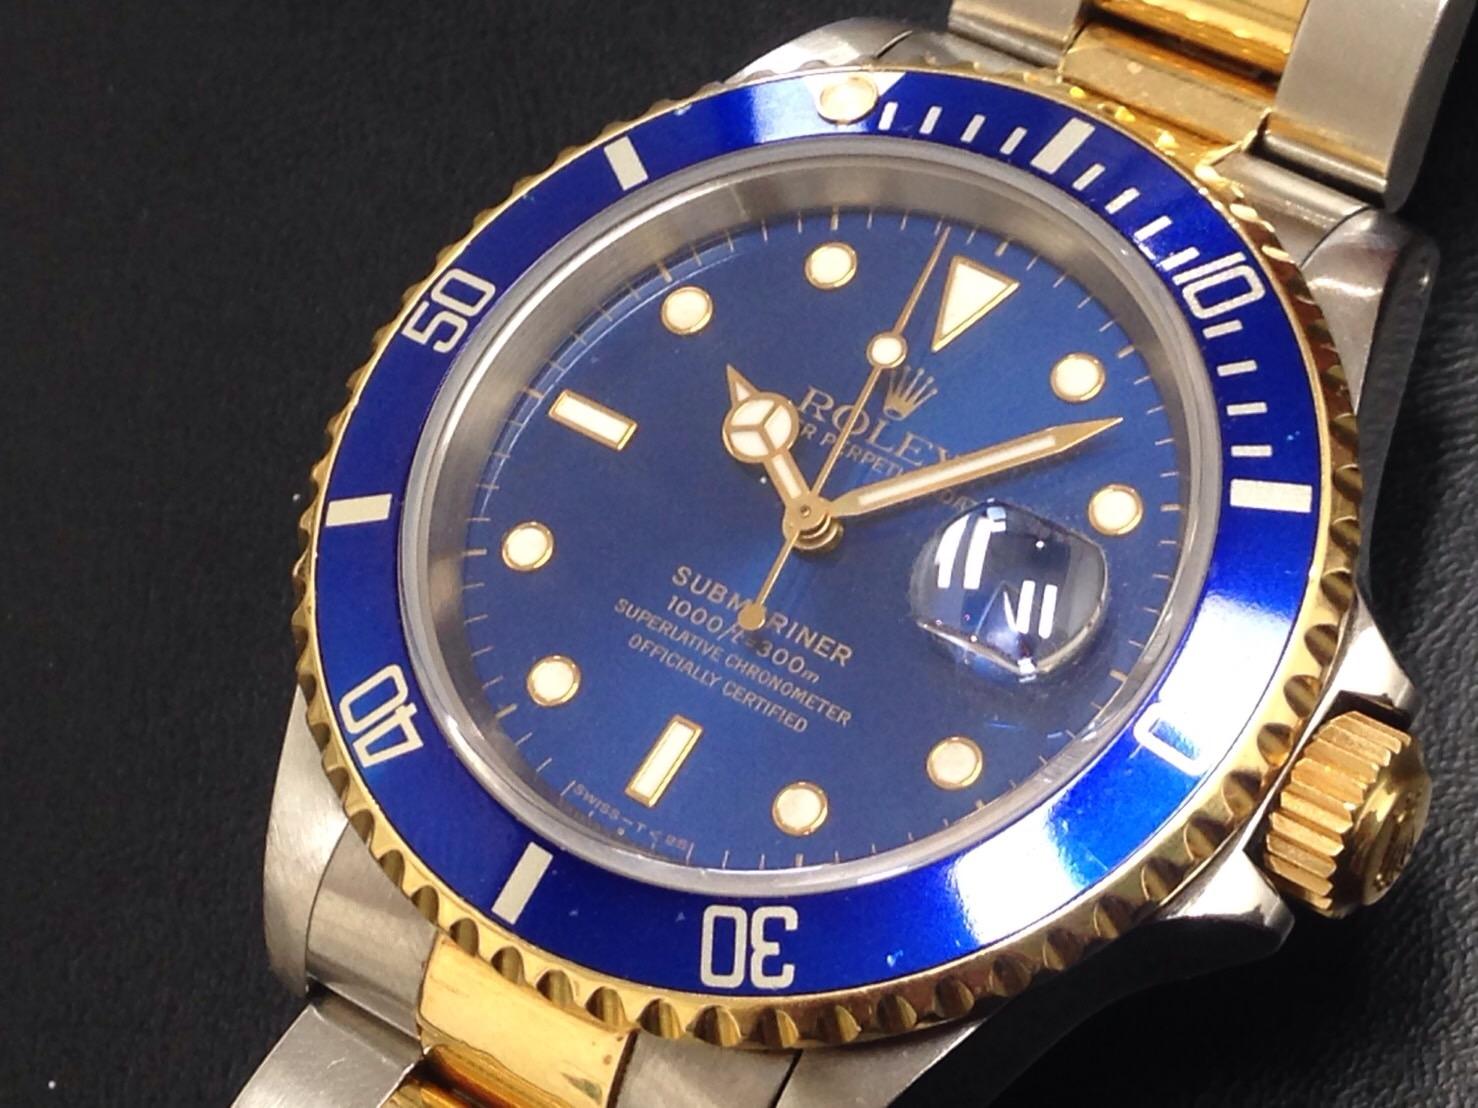 ロレックス サブマリーナ Ref.16613 旧型青サブ  Y品番 高価買取中